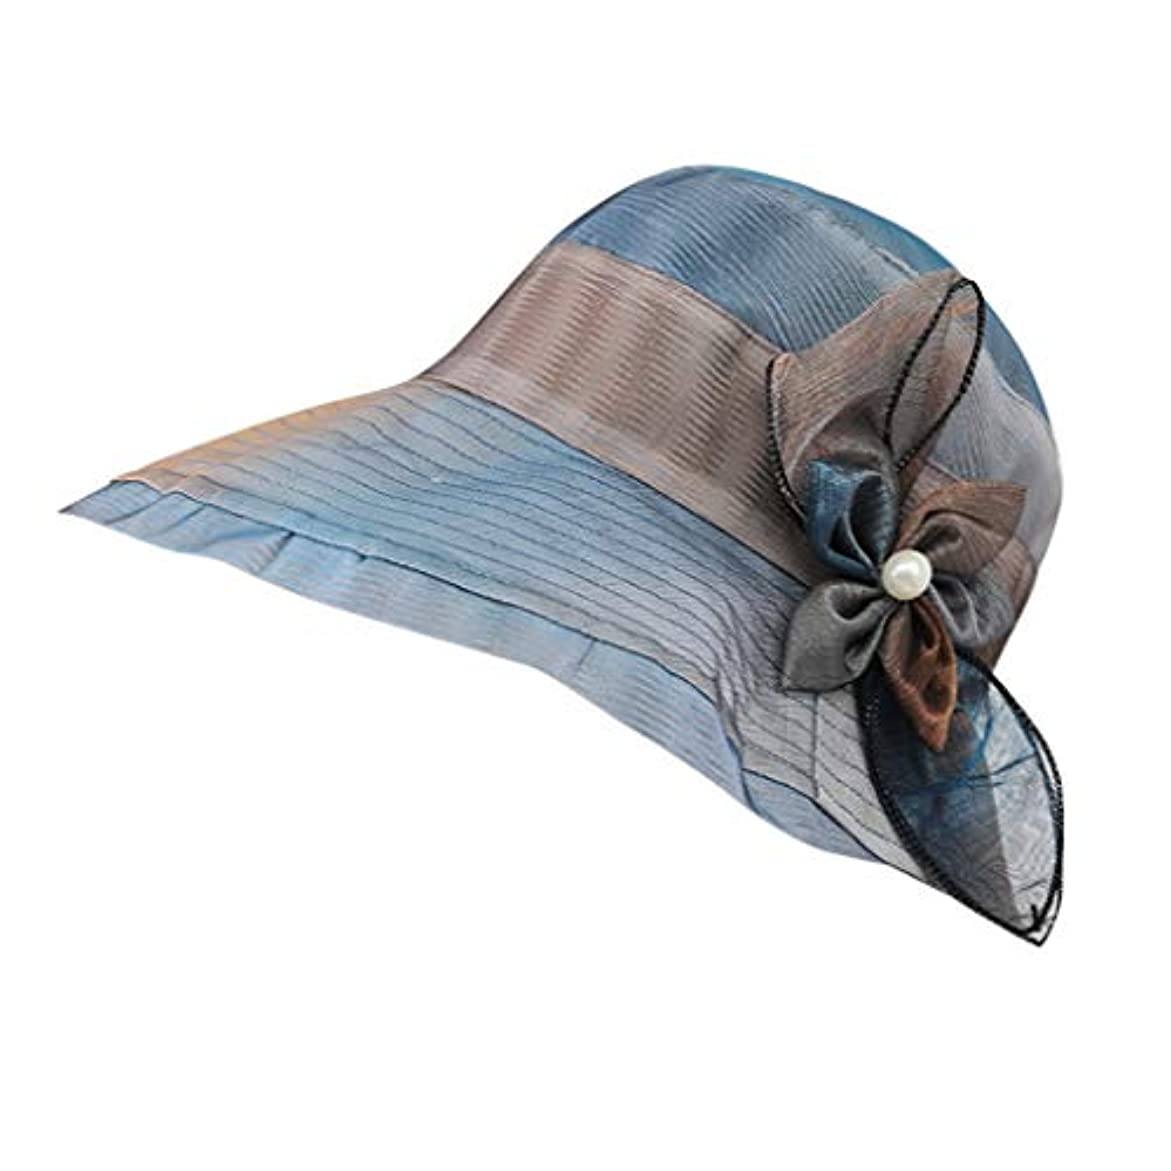 感心する間隔確立しますハット レディース UVカット 帽子 レディース 日よけ 帽子 レディース つば広 無地 洗える 紫外線対策 ハット カジュアル 旅行用 日よけ 夏季 女優帽 小顔効果抜群 可愛い 夏季 海 旅行 ROSE ROMAN